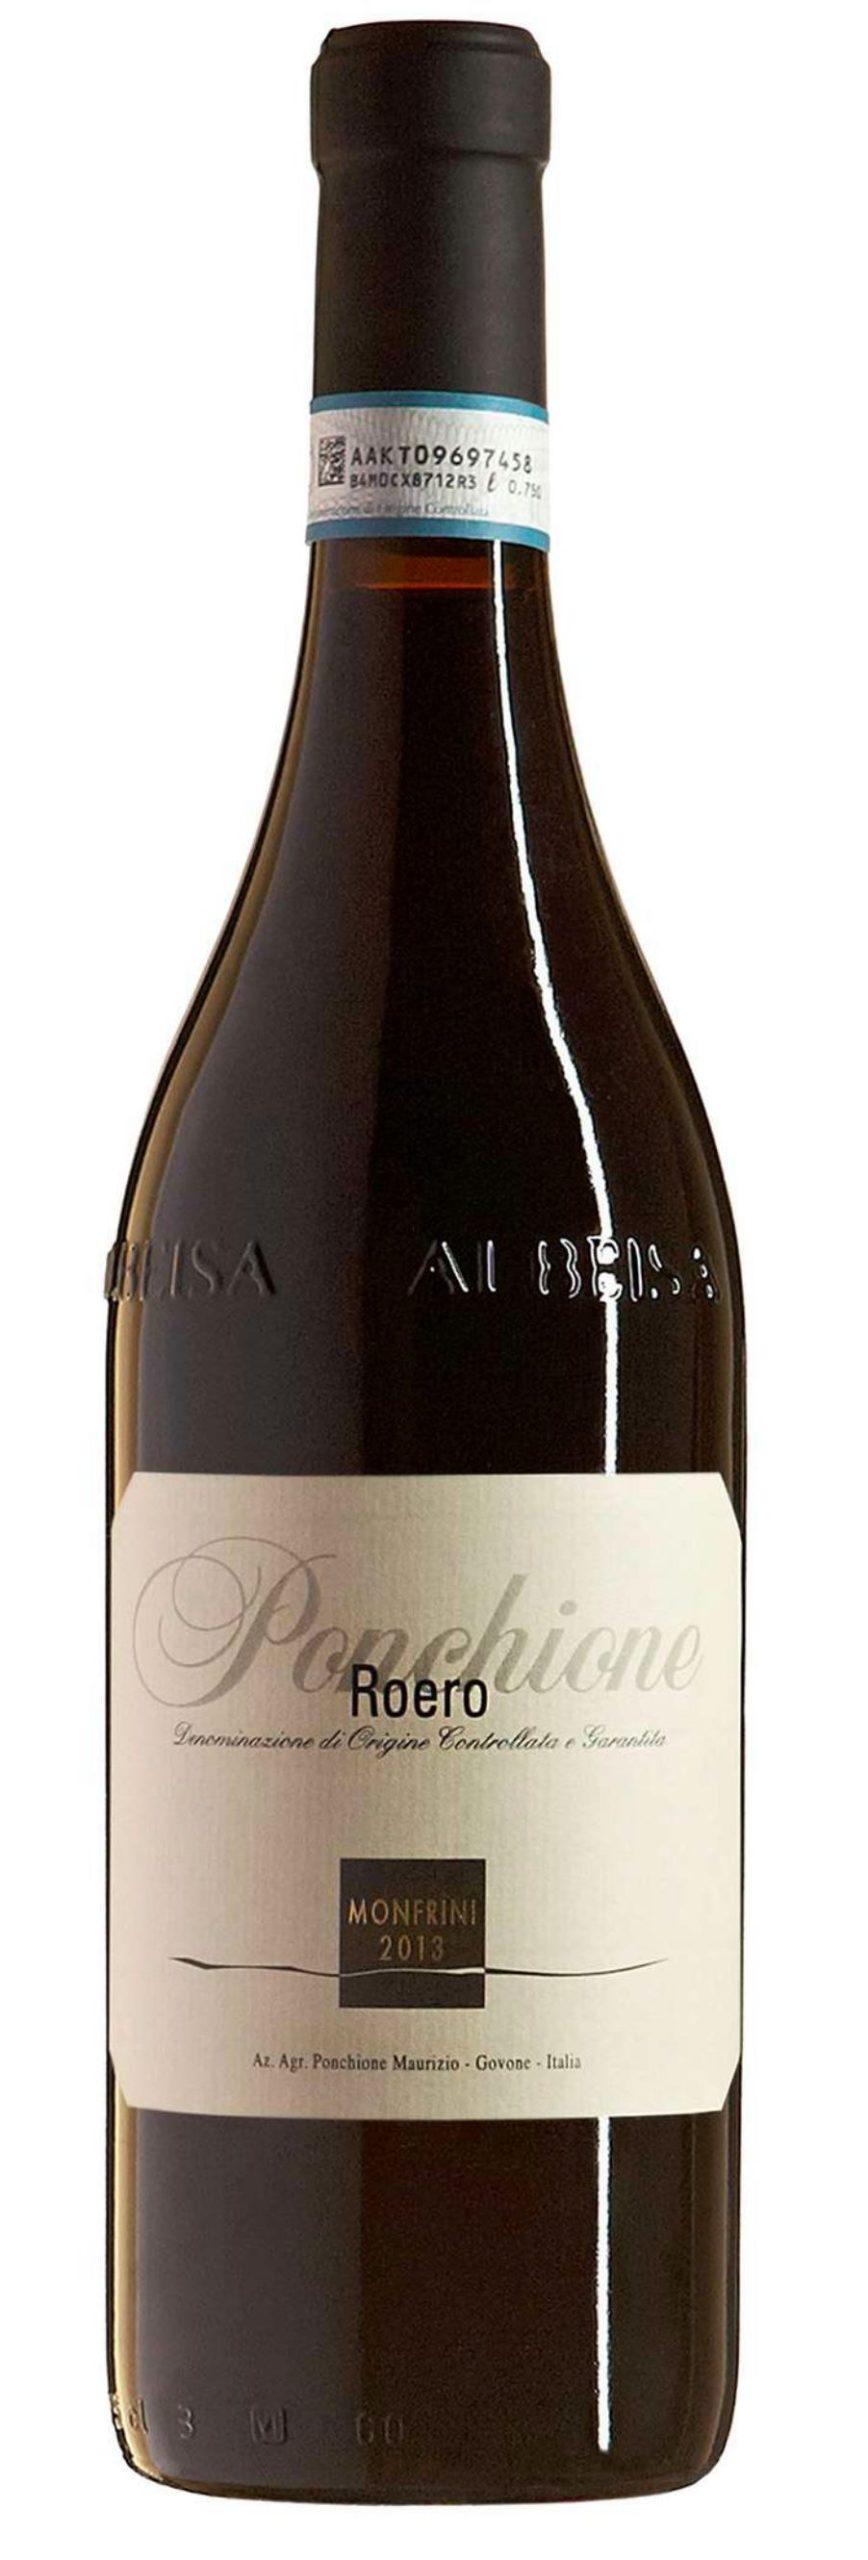 Ponchione – Monfrini 2005 – Roero